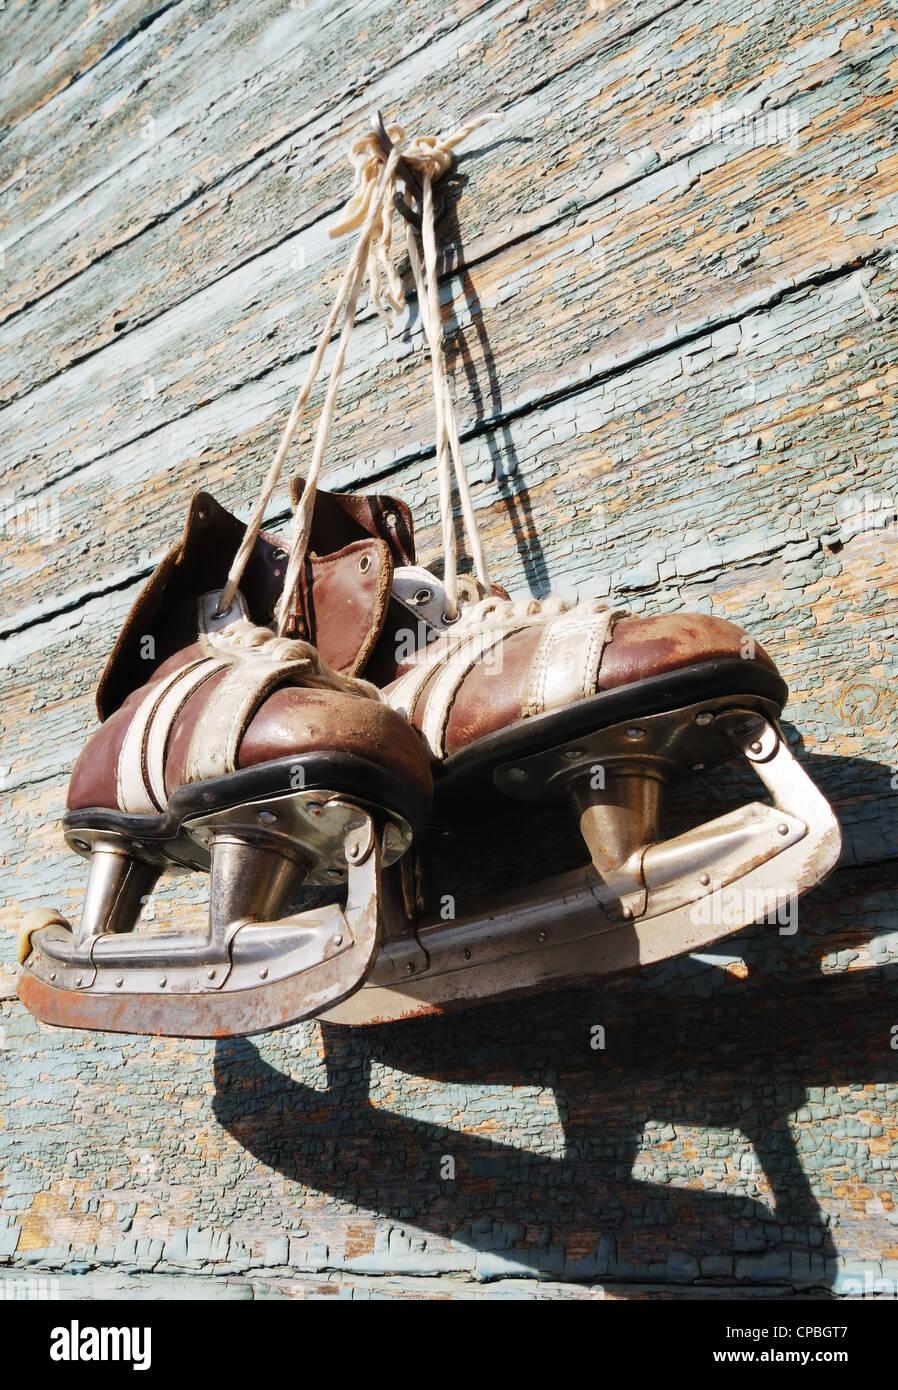 Vintage paar Herren Schlittschuhe an einer Holzwand hängen Stockbild